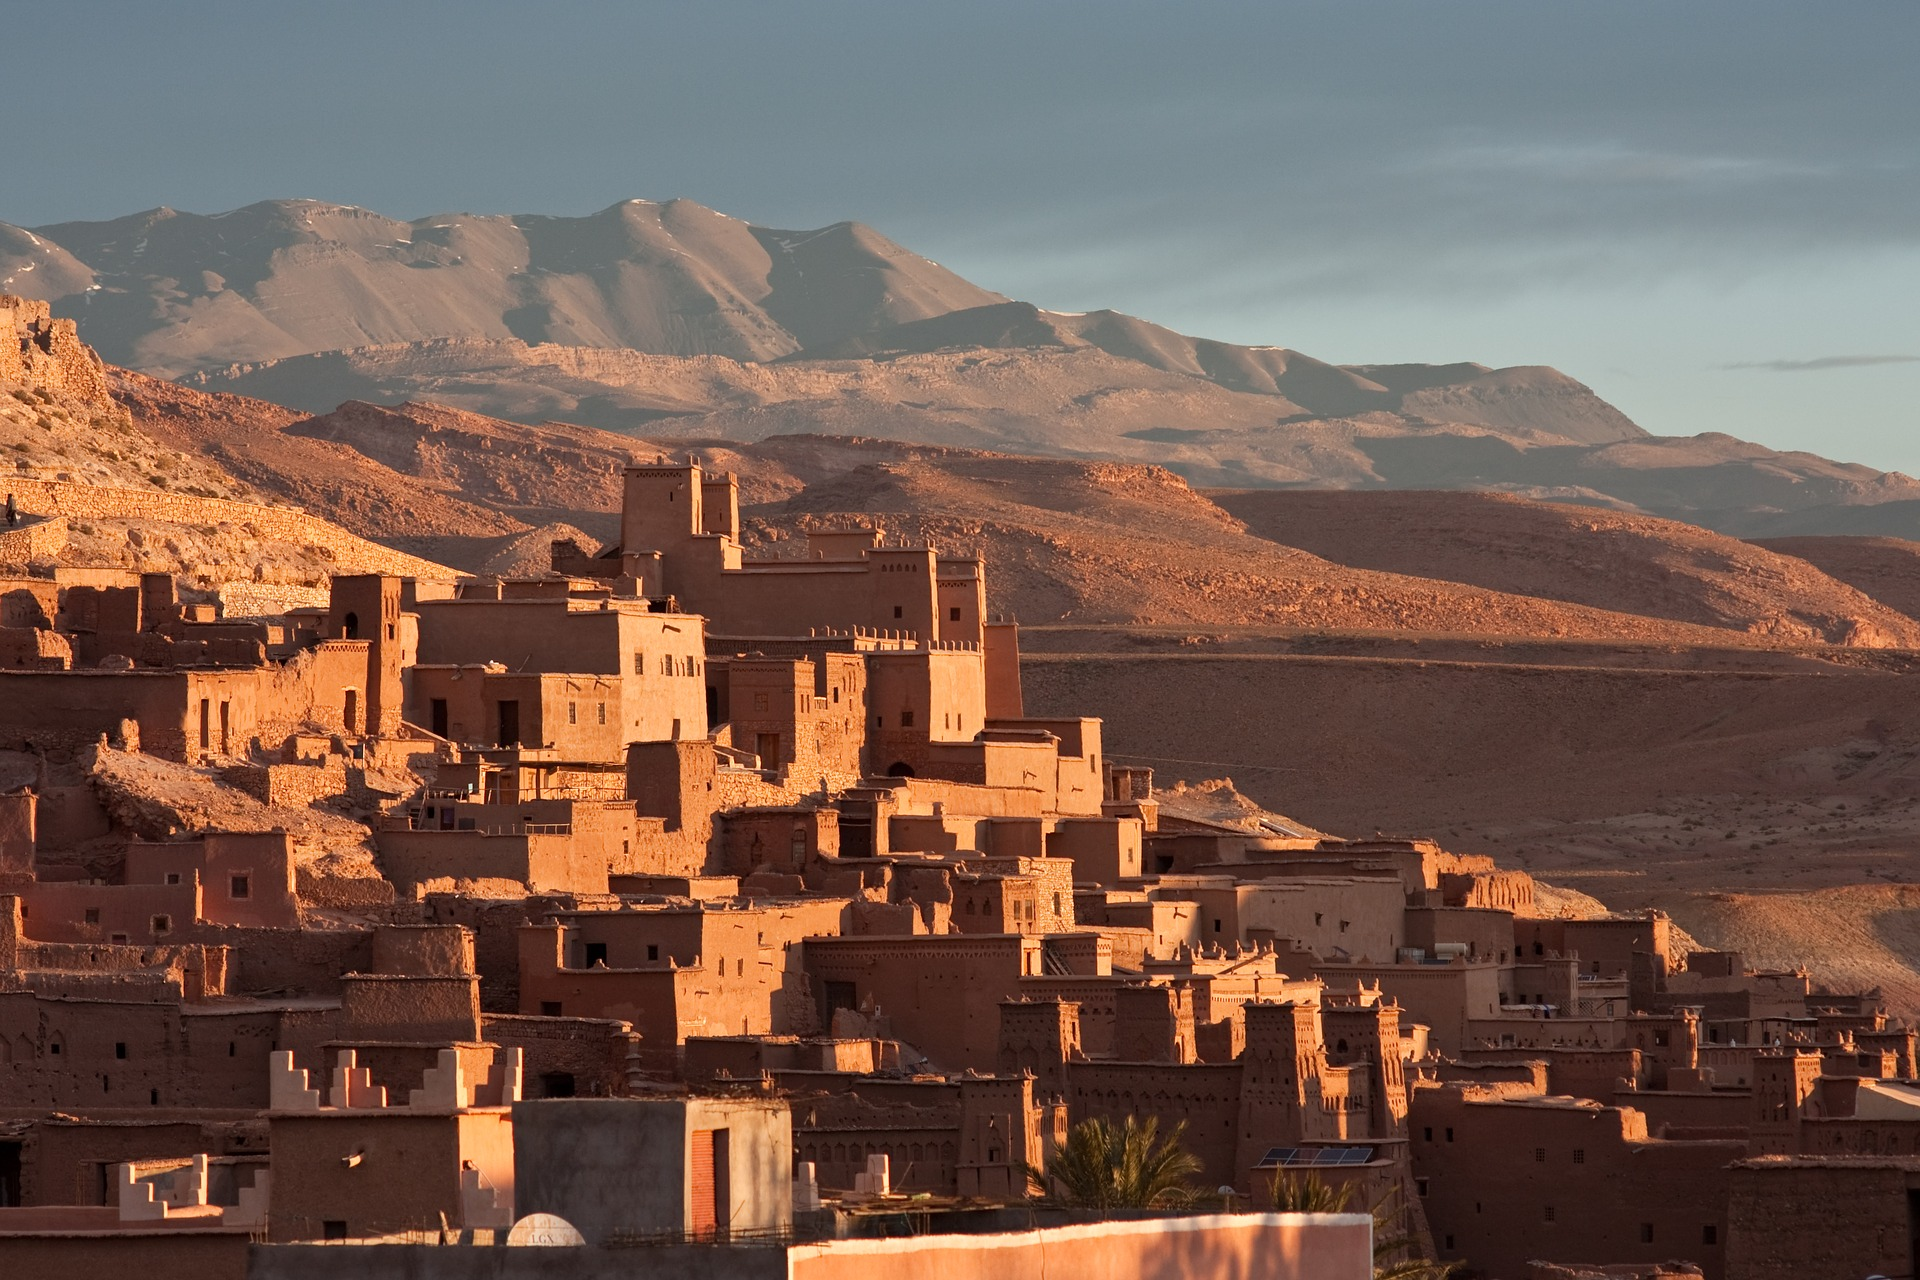 摩洛哥政府与携程达成协议以吸引更多中国游客